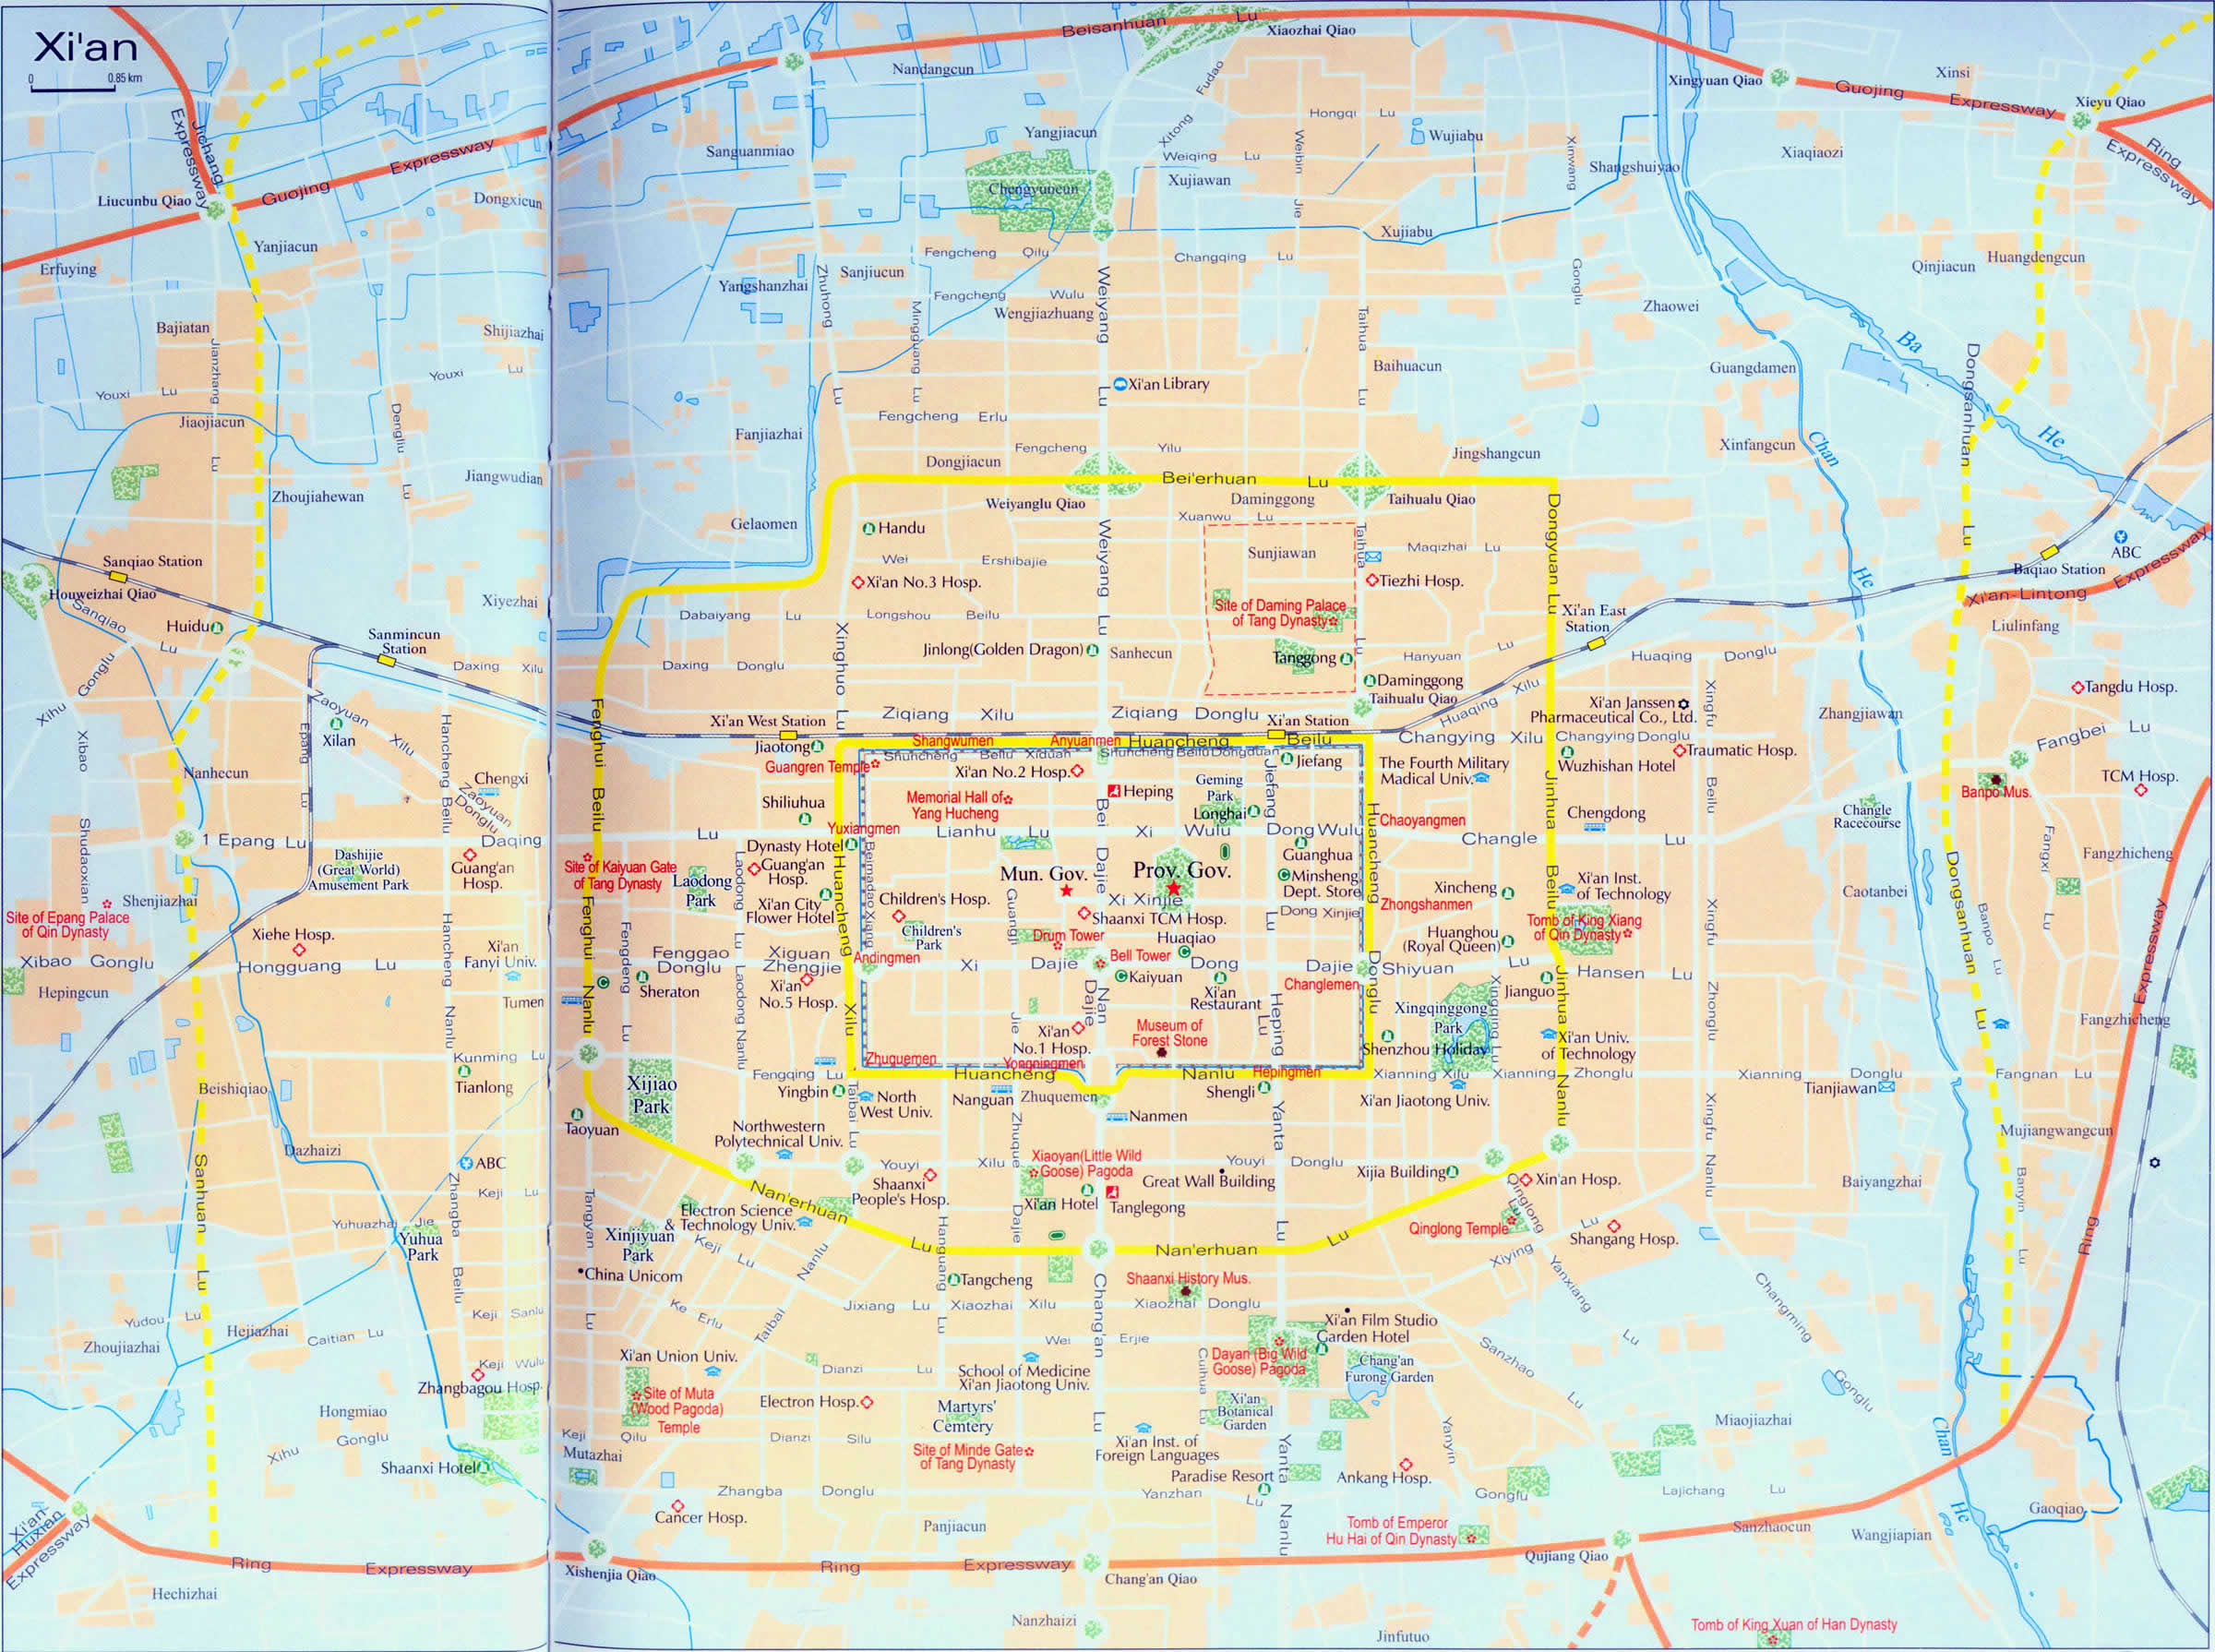 Comprehensive Xian City Map Xian Tour Tours In Xian Xian Travel - Ankang map